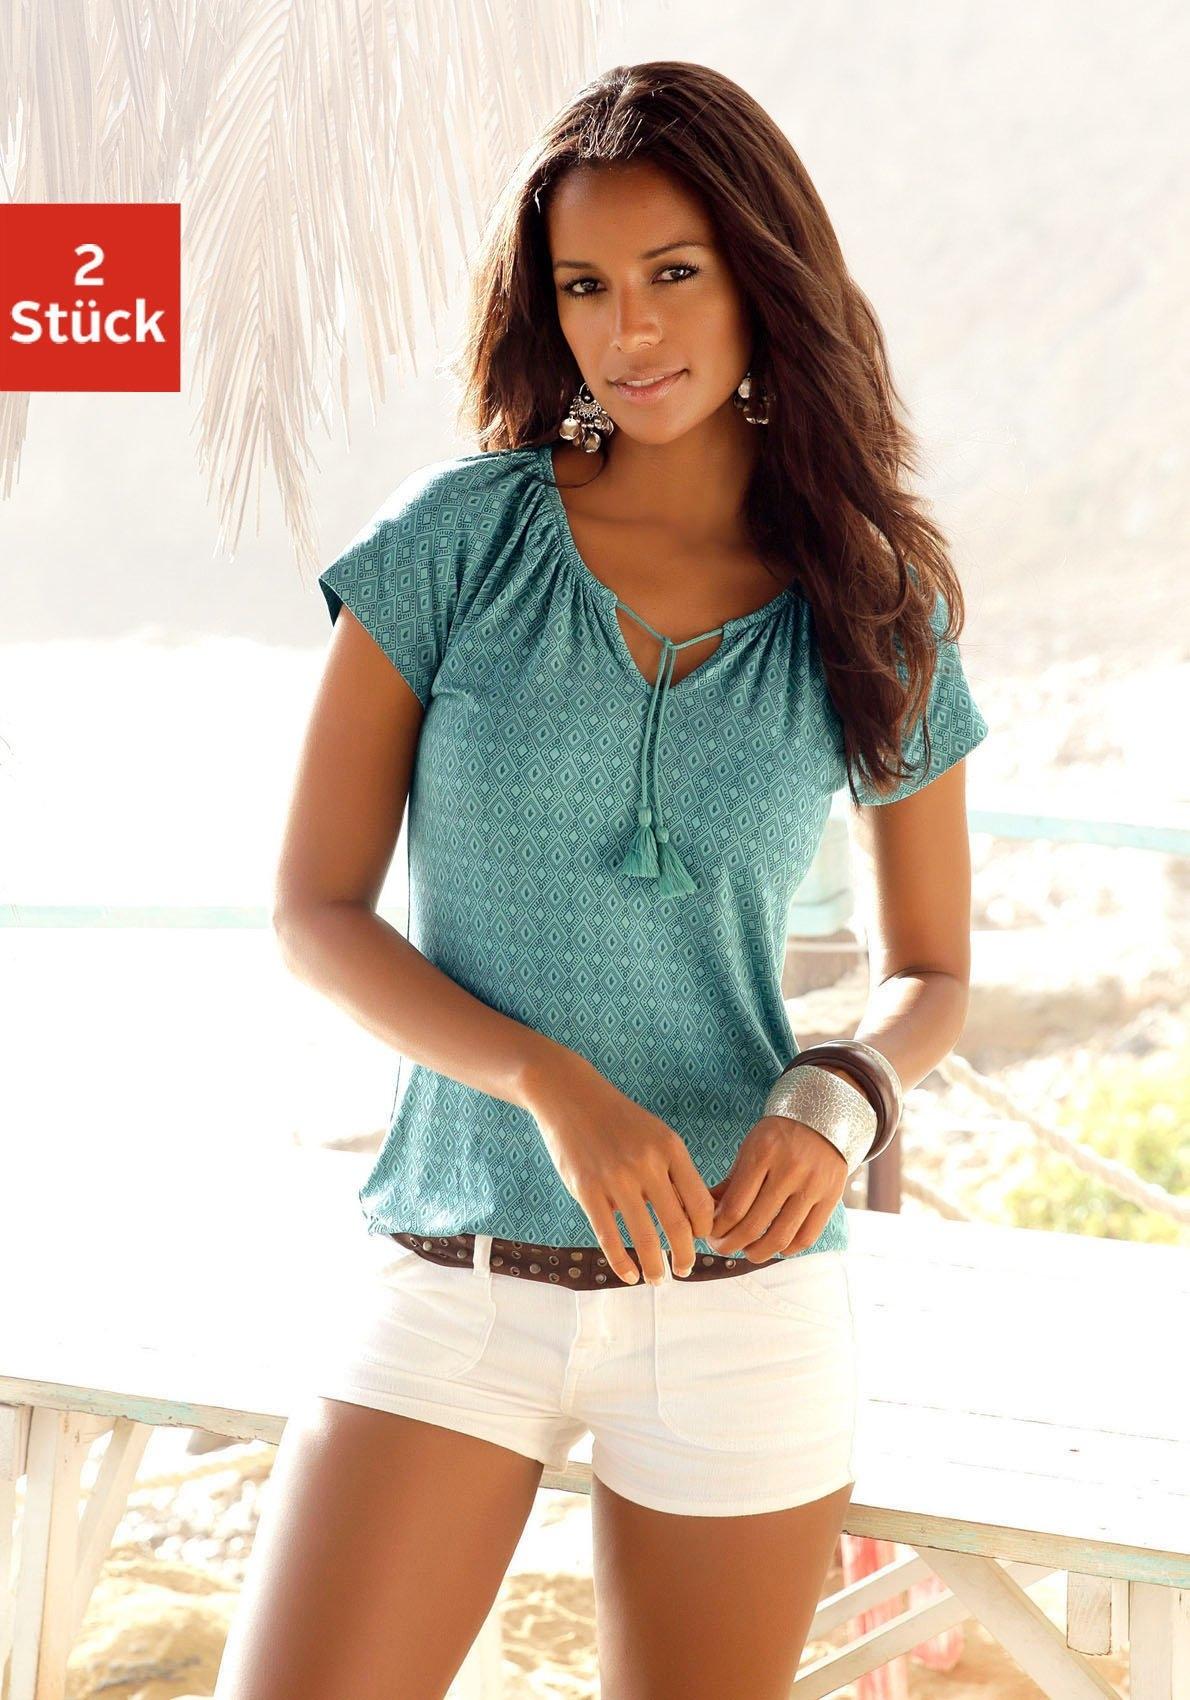 Vivance tuniekshirt (set van 2) nu online kopen bij Lascana